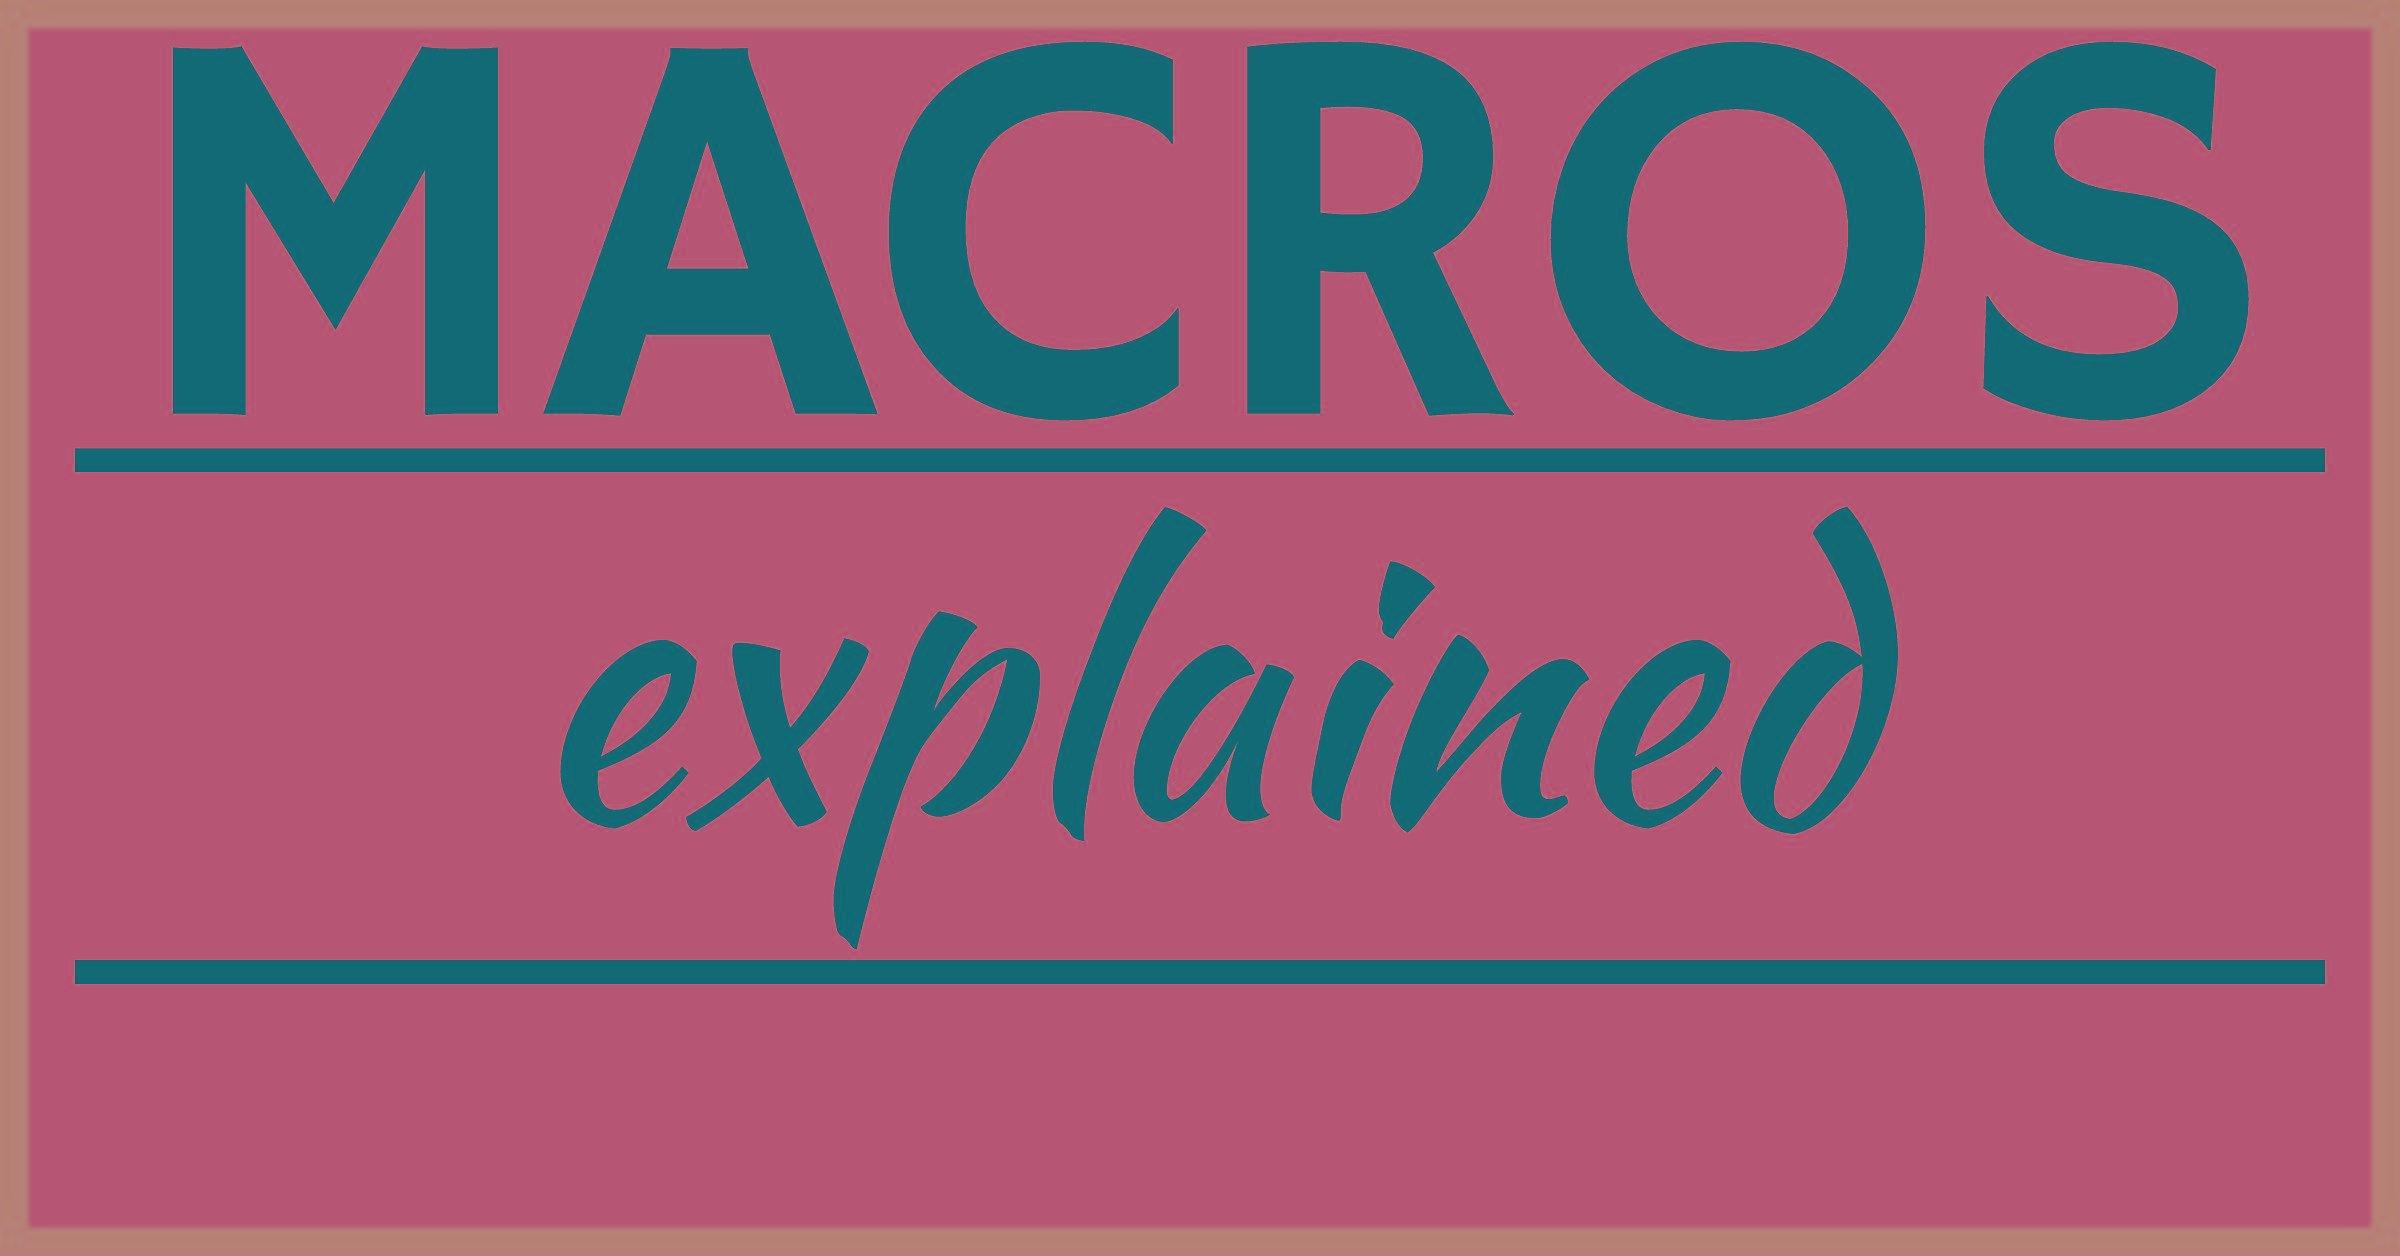 Macros Explained